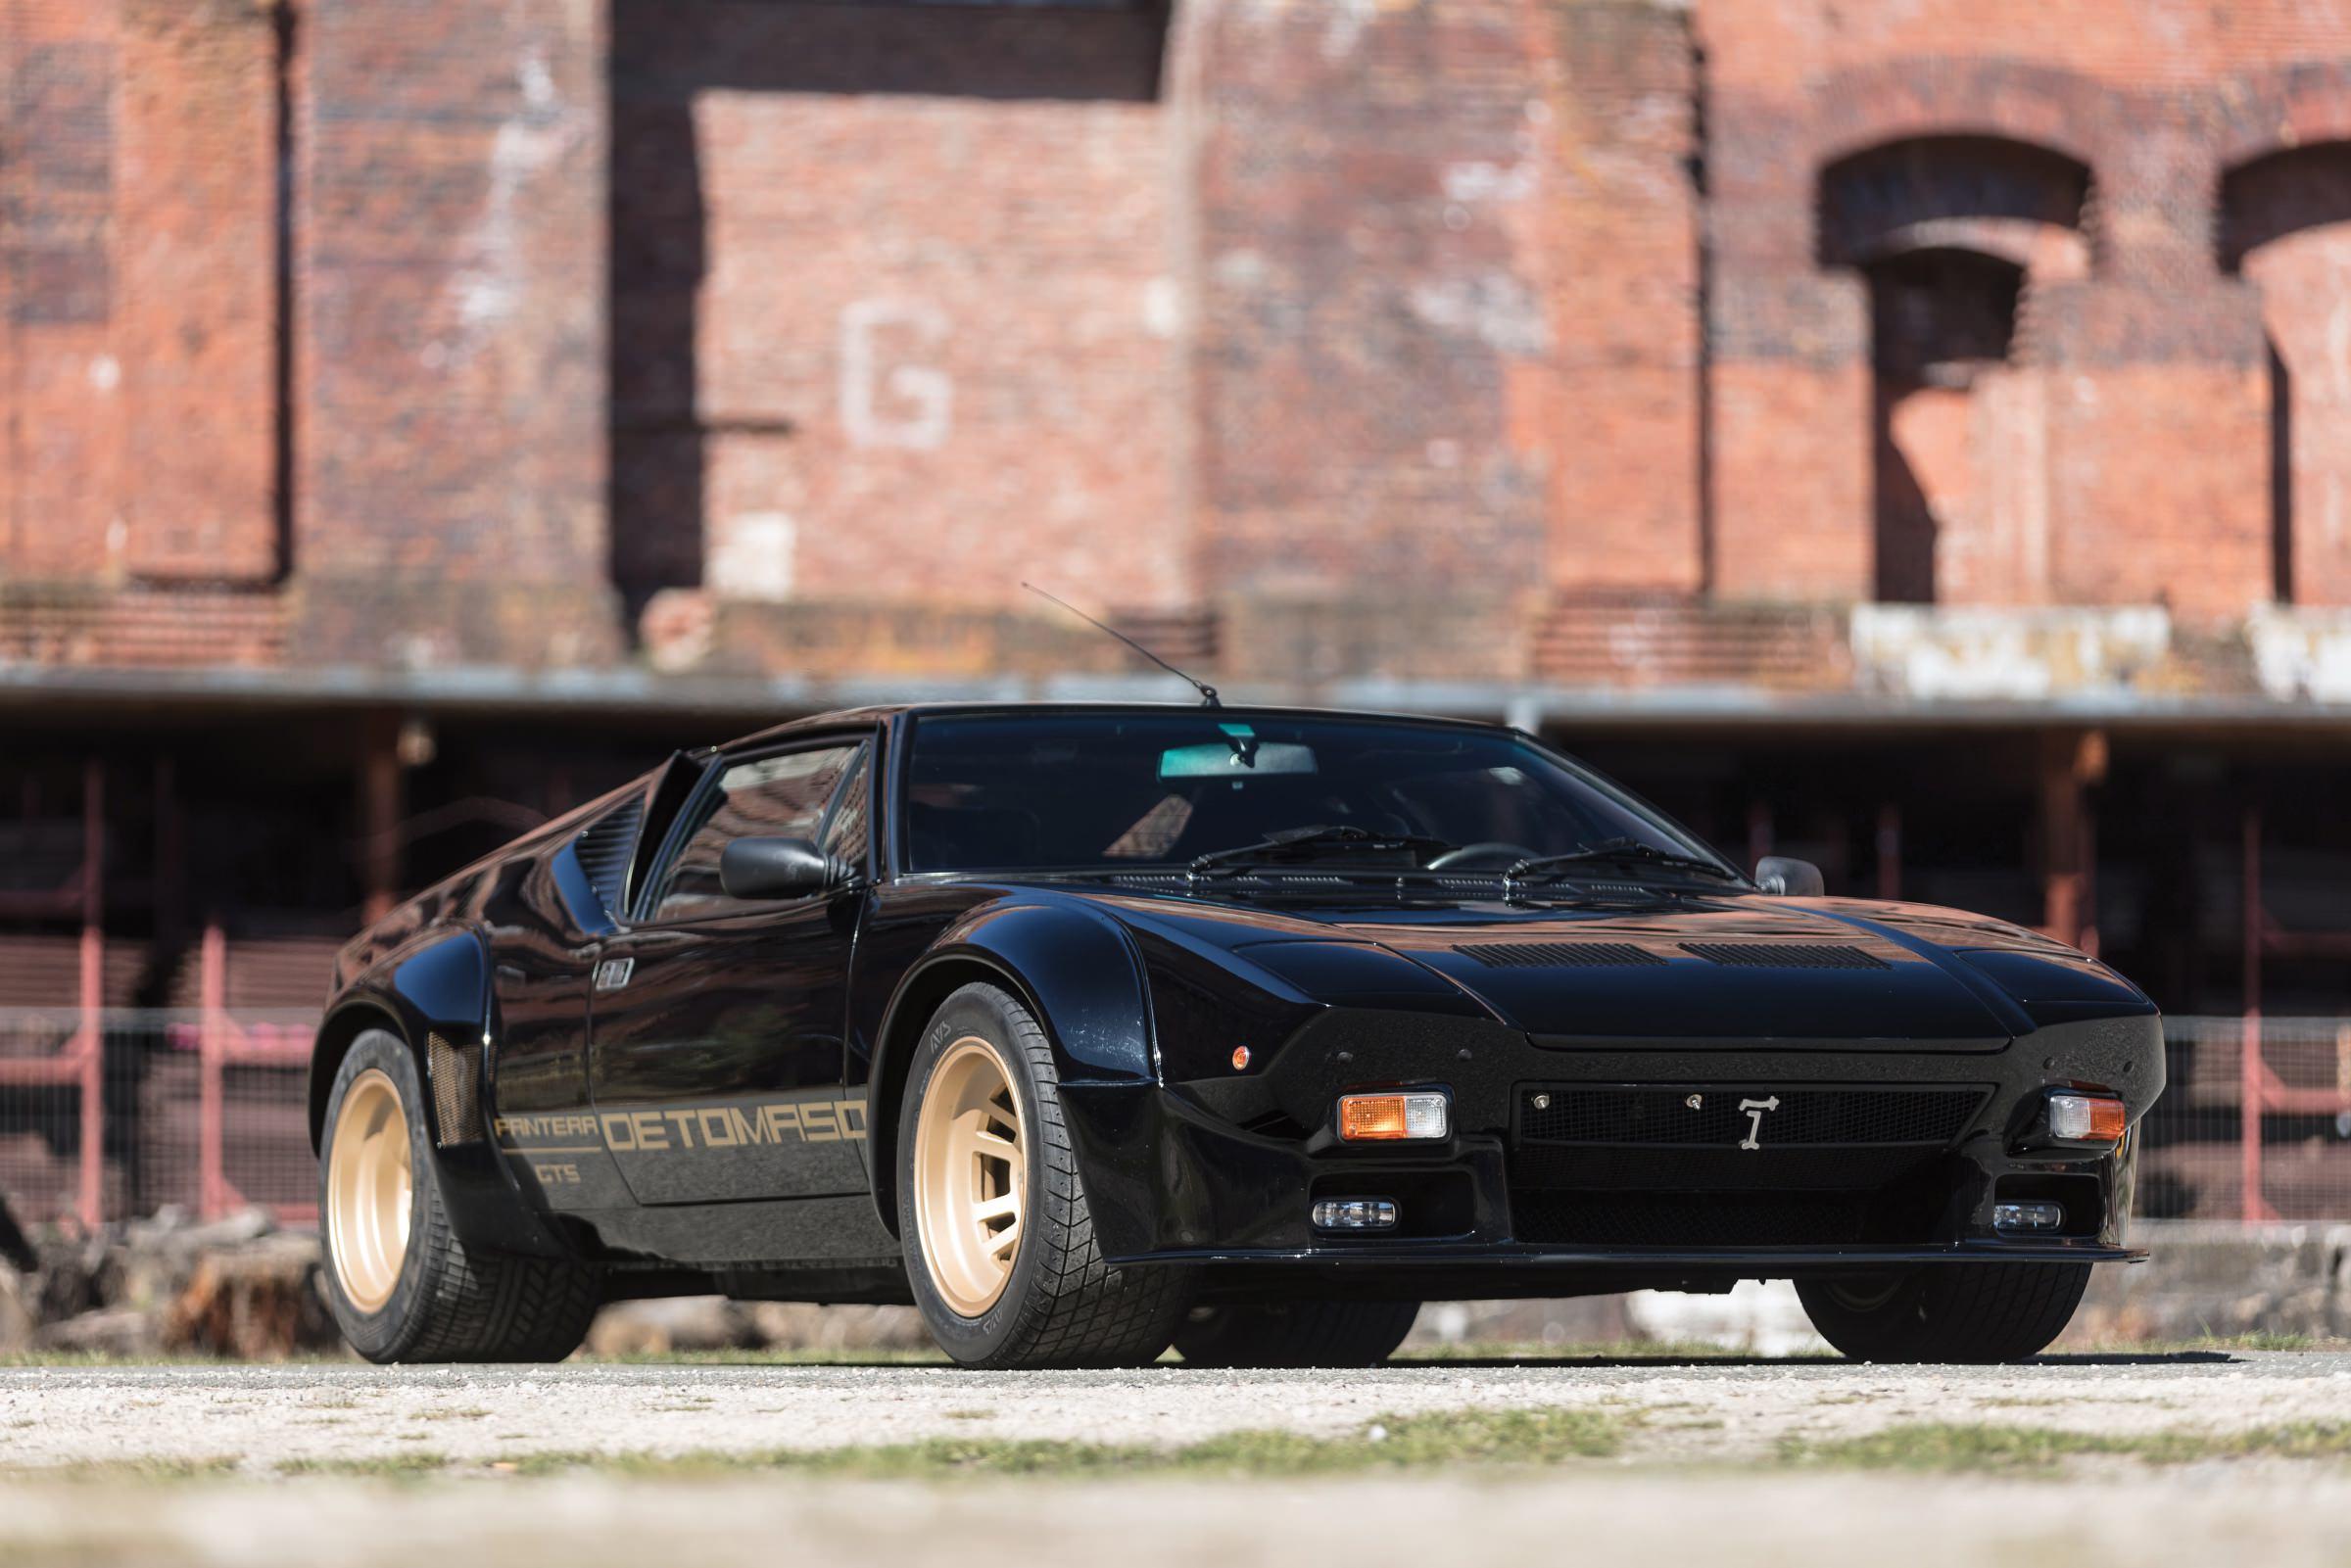 De Tomaso Pantera Performance >> An Italian American Supercar The De Tomaso Pantera Gt5